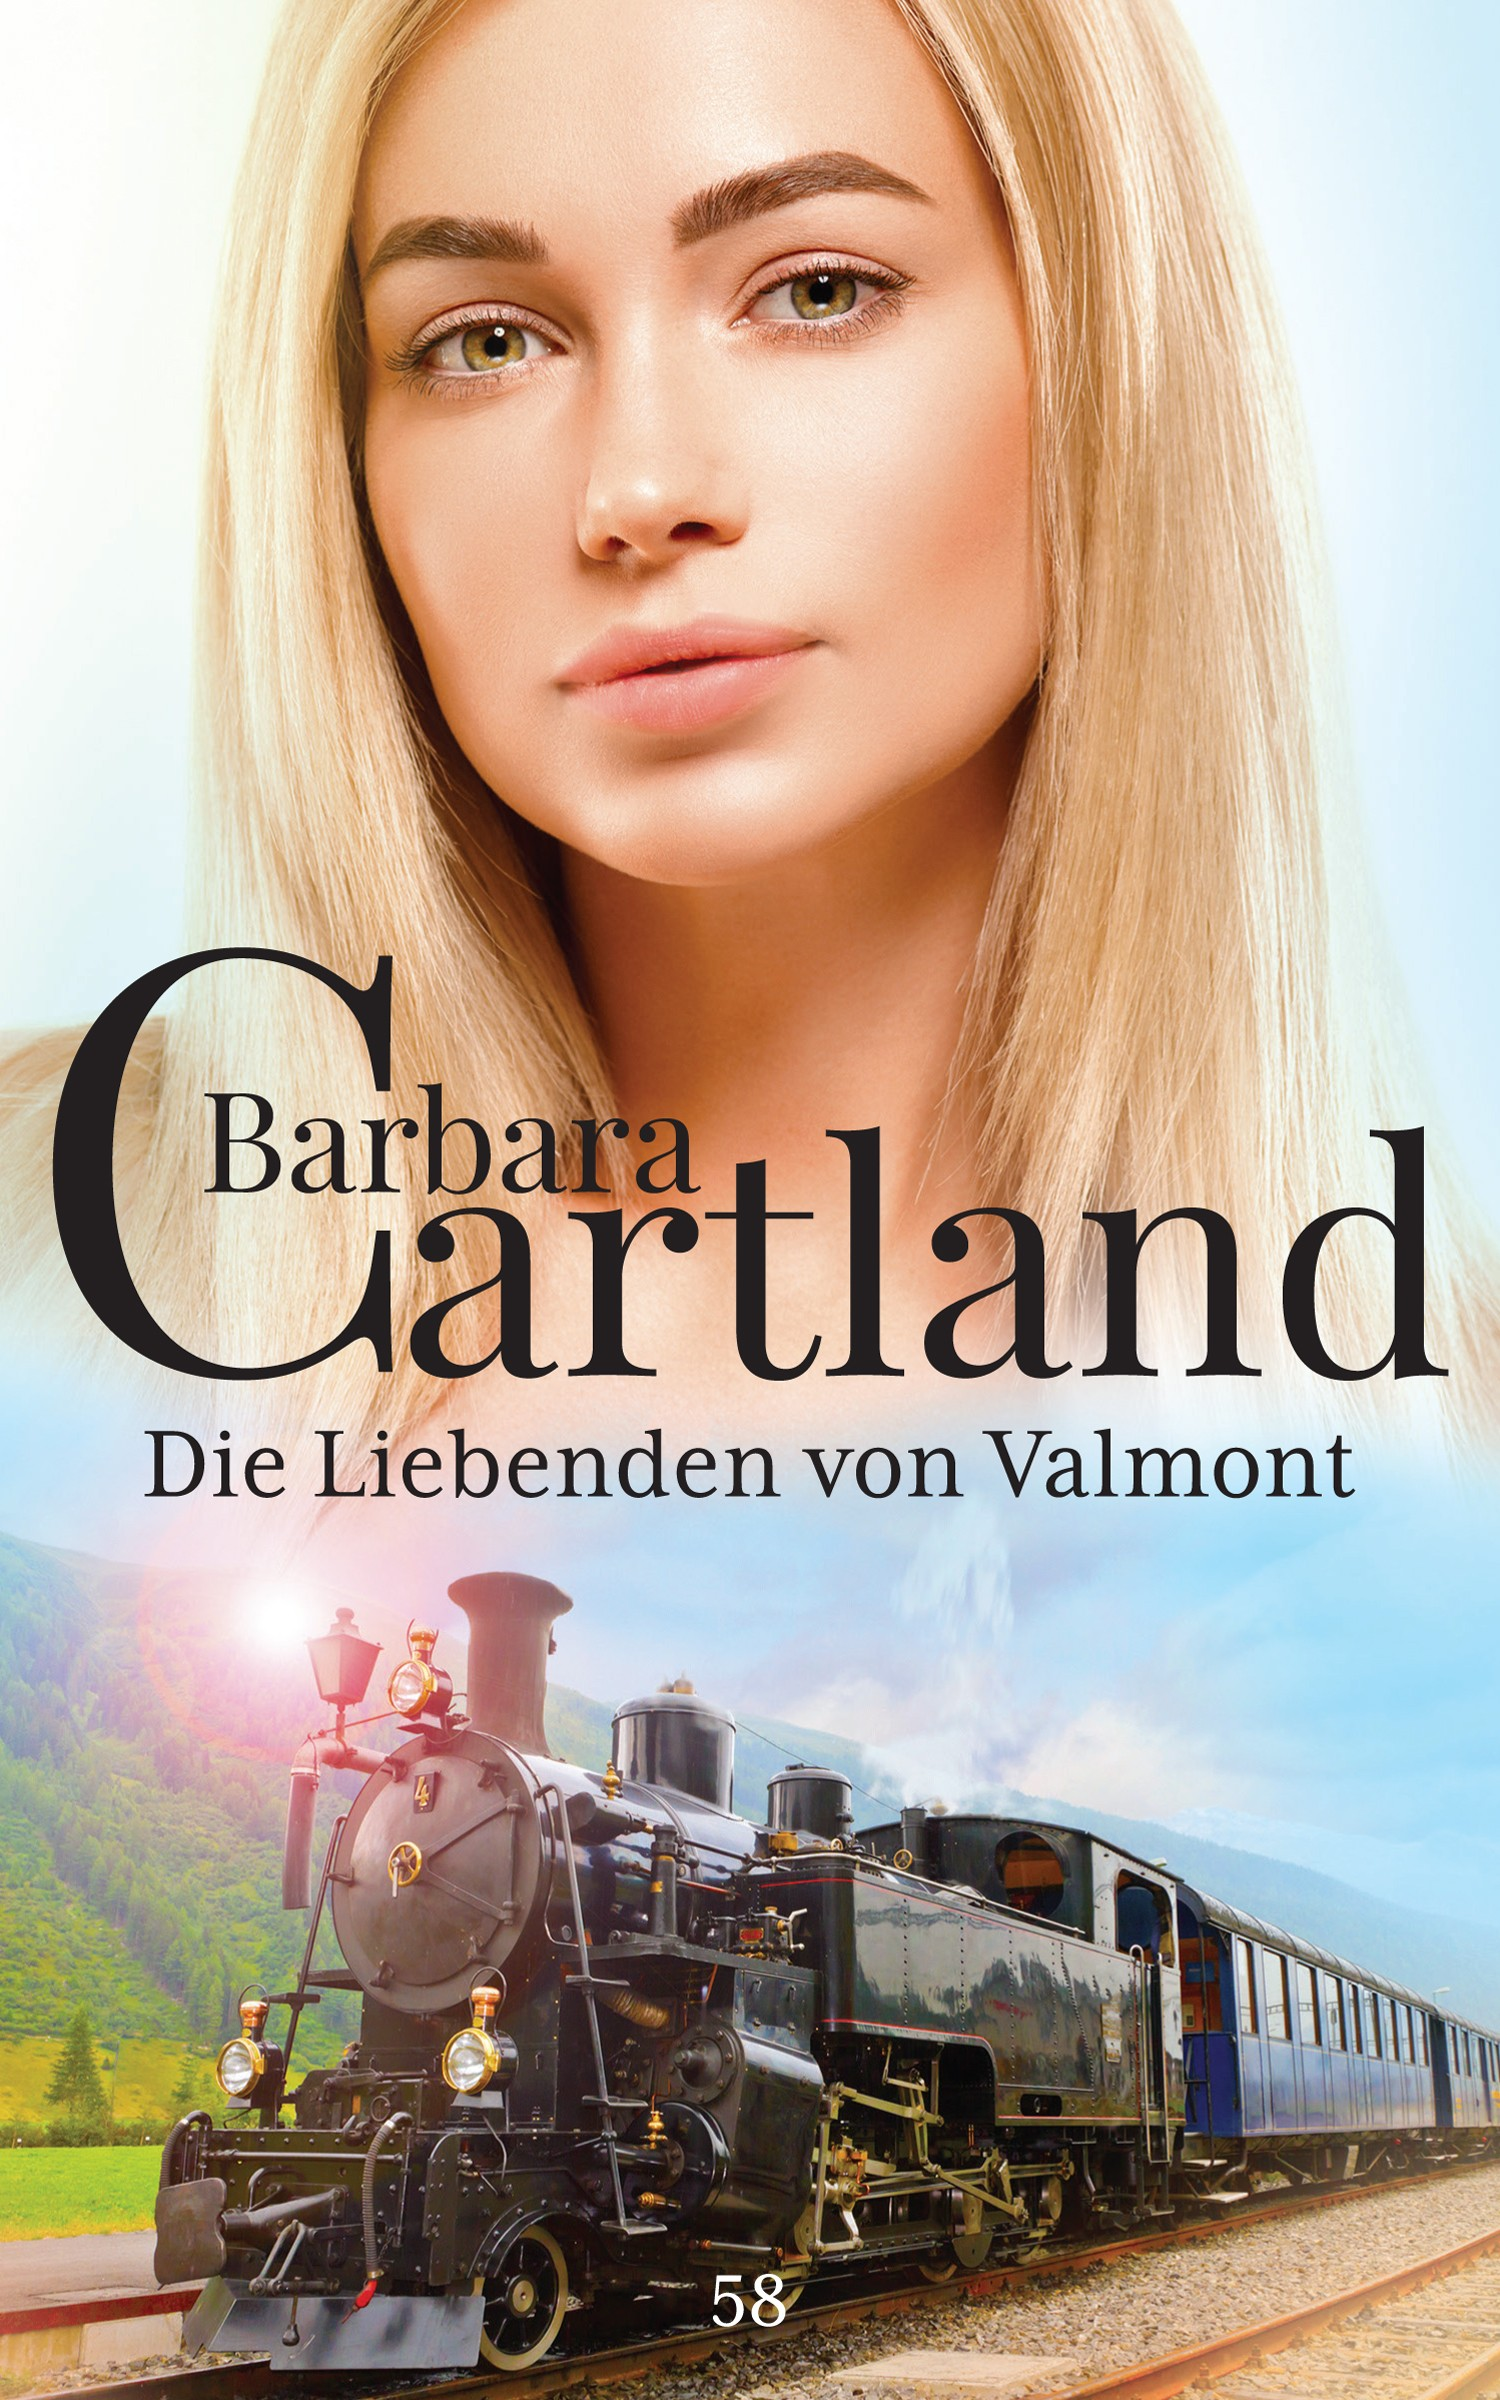 Barbara Cartland Die Liebeden von Valmont